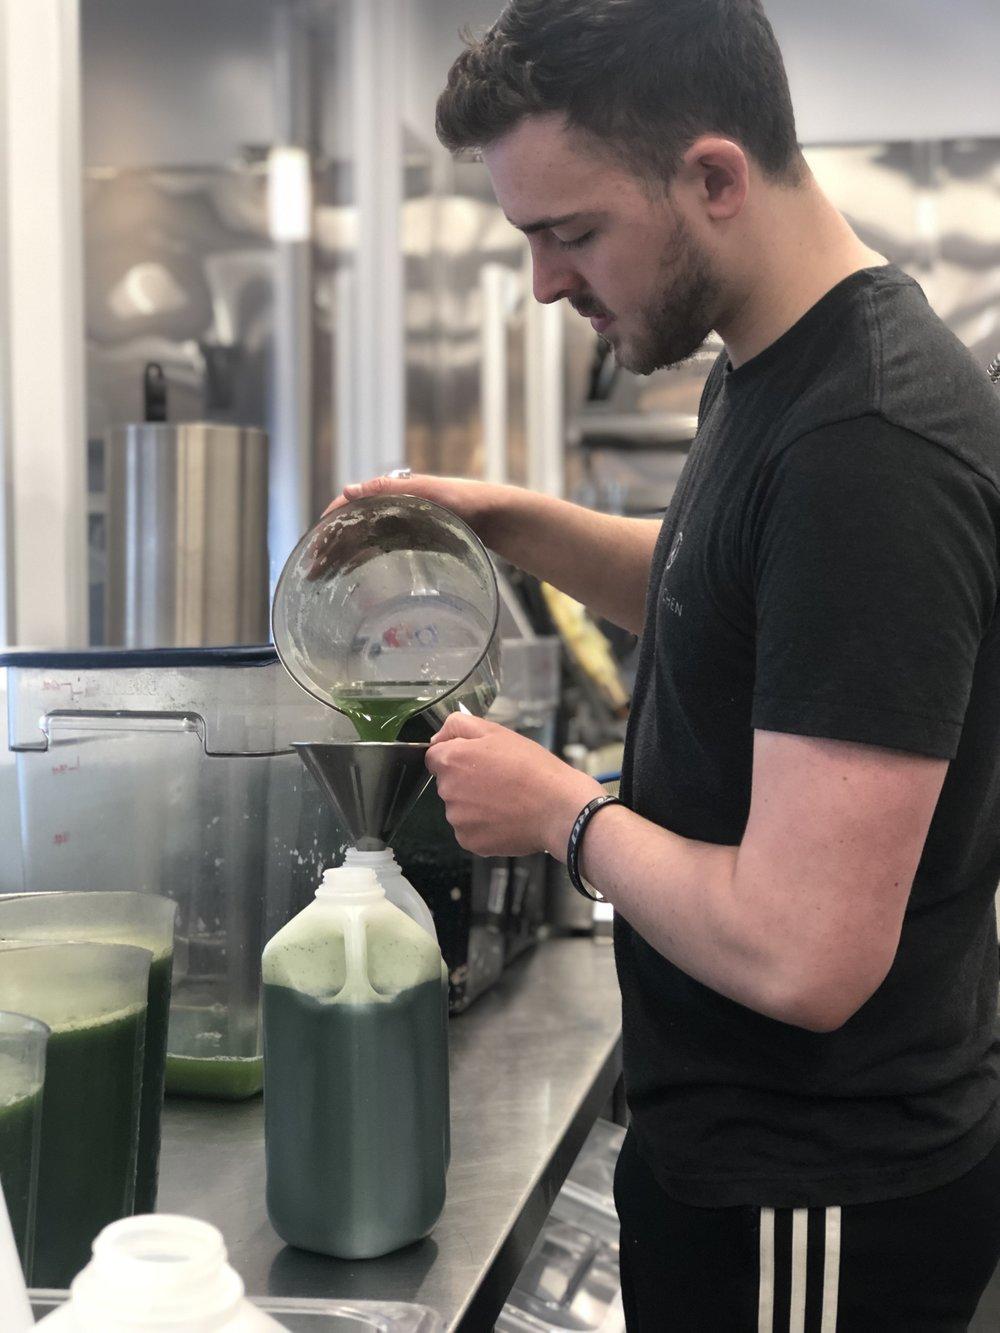 Rowan (team PK) pouring the Lush